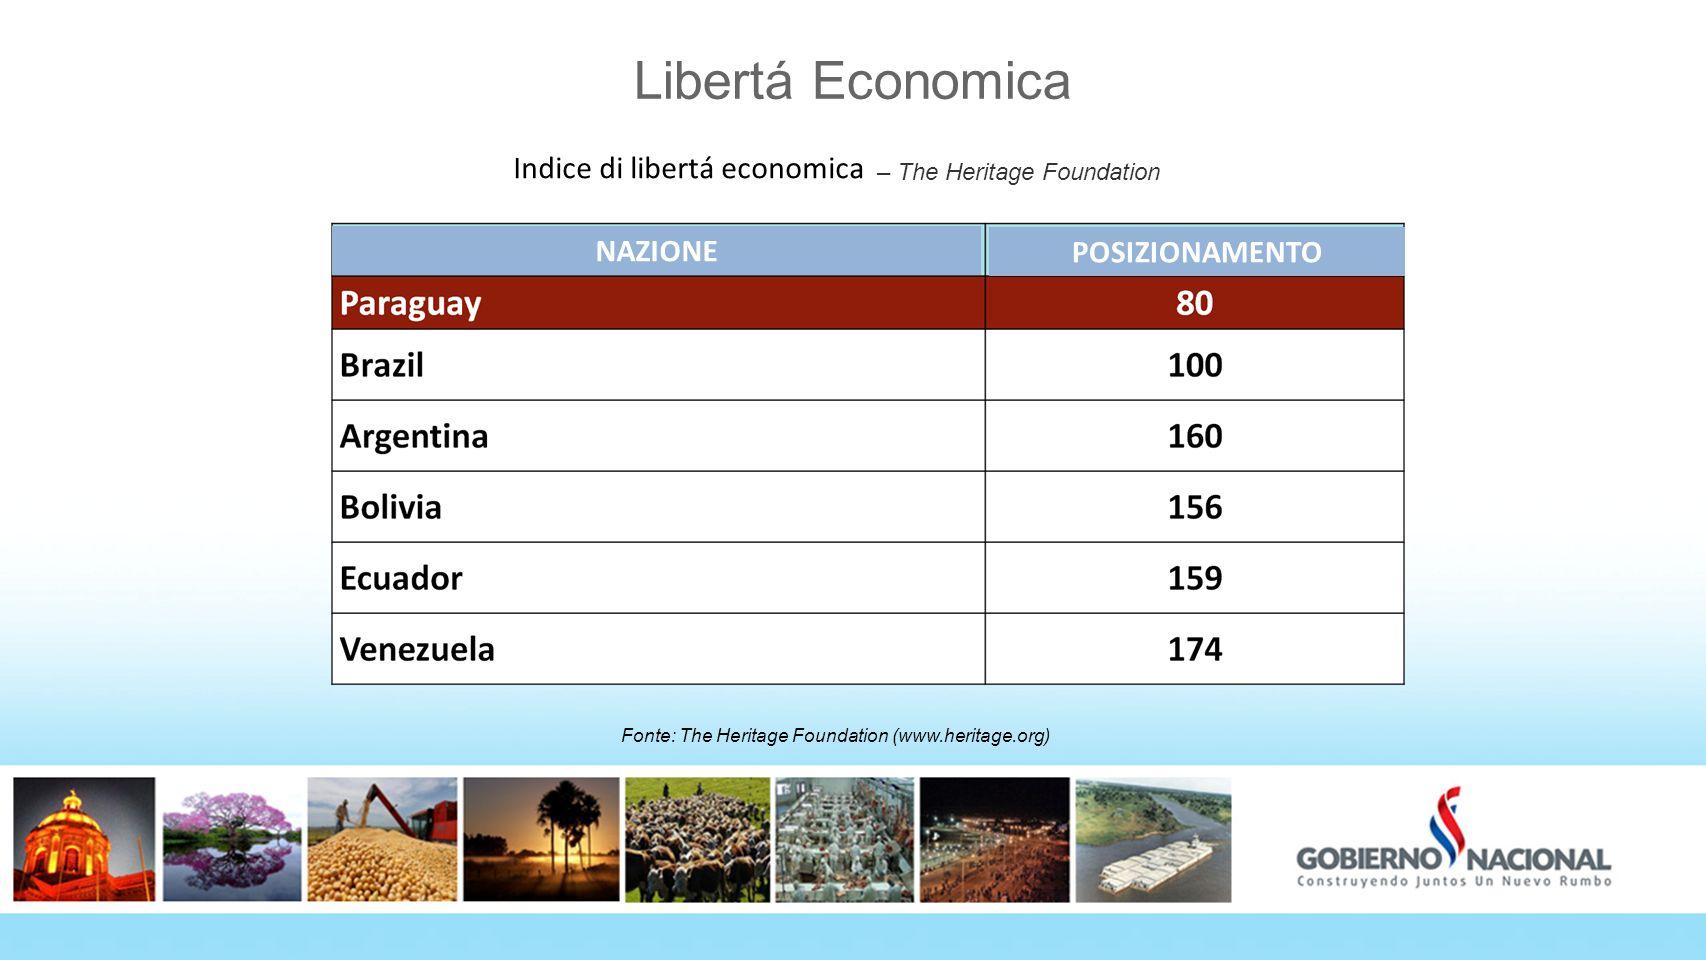 Índice de Libertad Económica – The Heritage Foundation